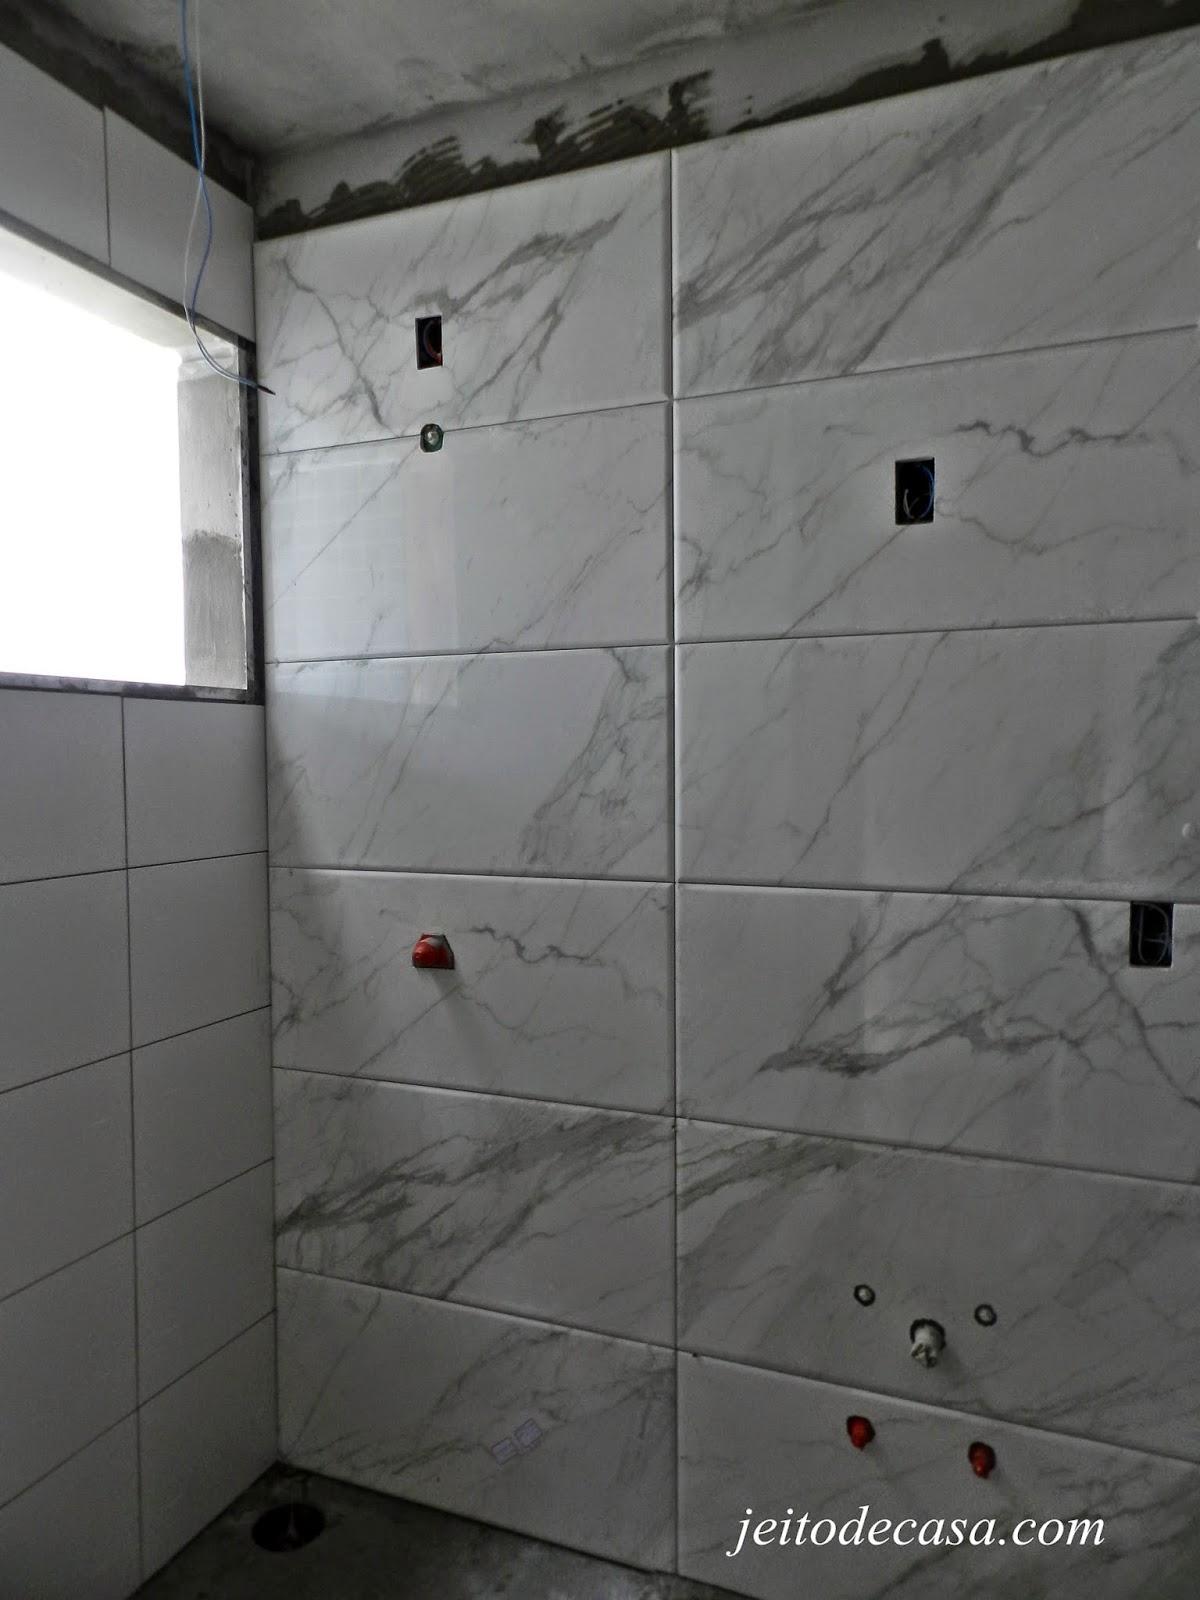 Visitando a obra do meu apê Jeito de Casa Blog de Decoração #4F5159 1200x1600 Azulejo Madeira Banheiro